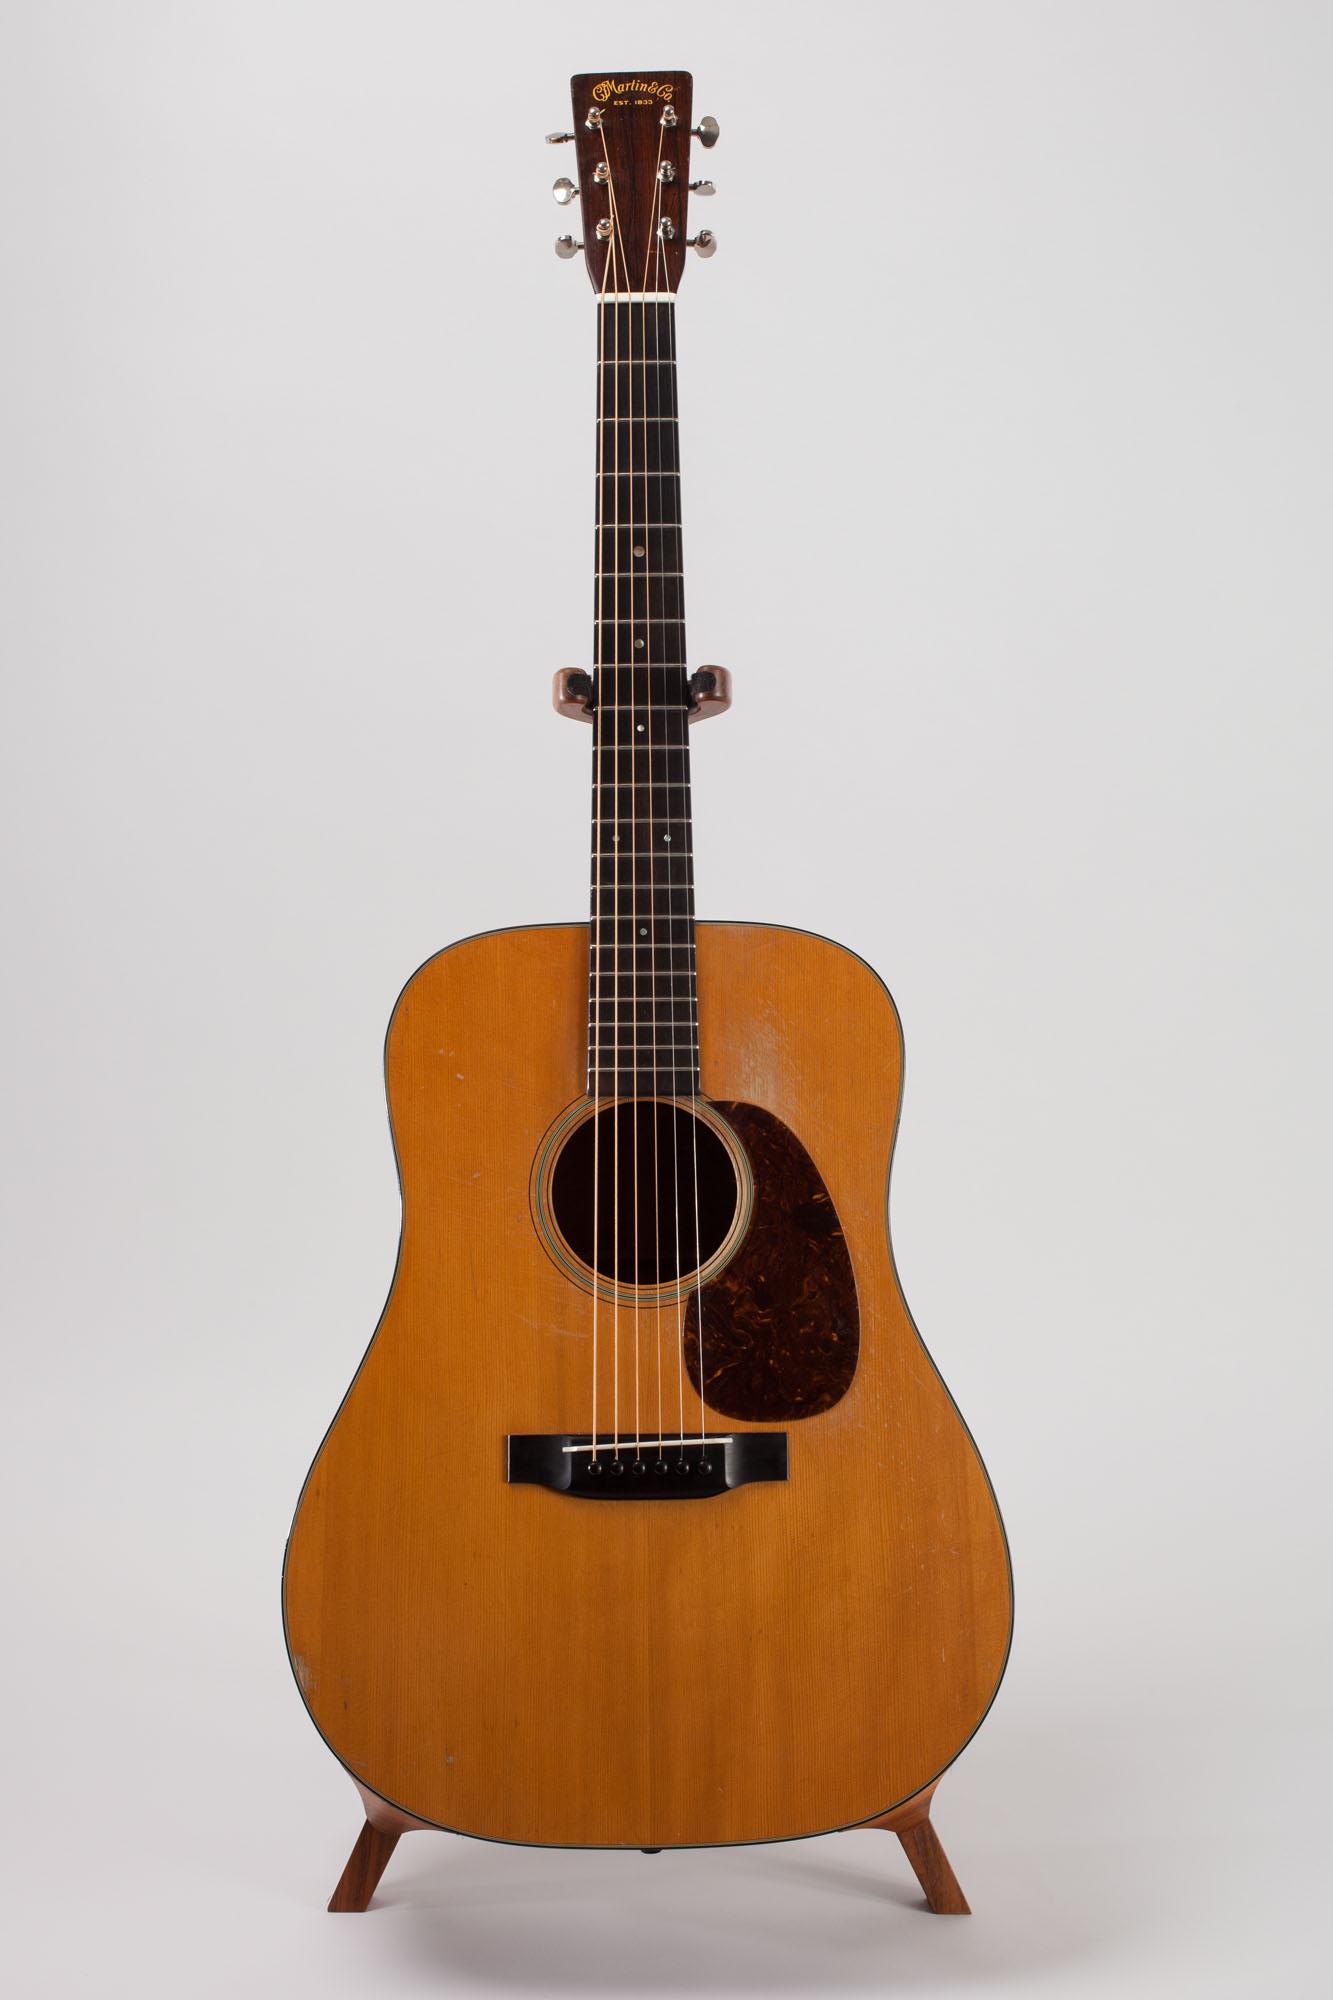 c f martin d 18 1939 natural guitar for sale jet city guitars. Black Bedroom Furniture Sets. Home Design Ideas